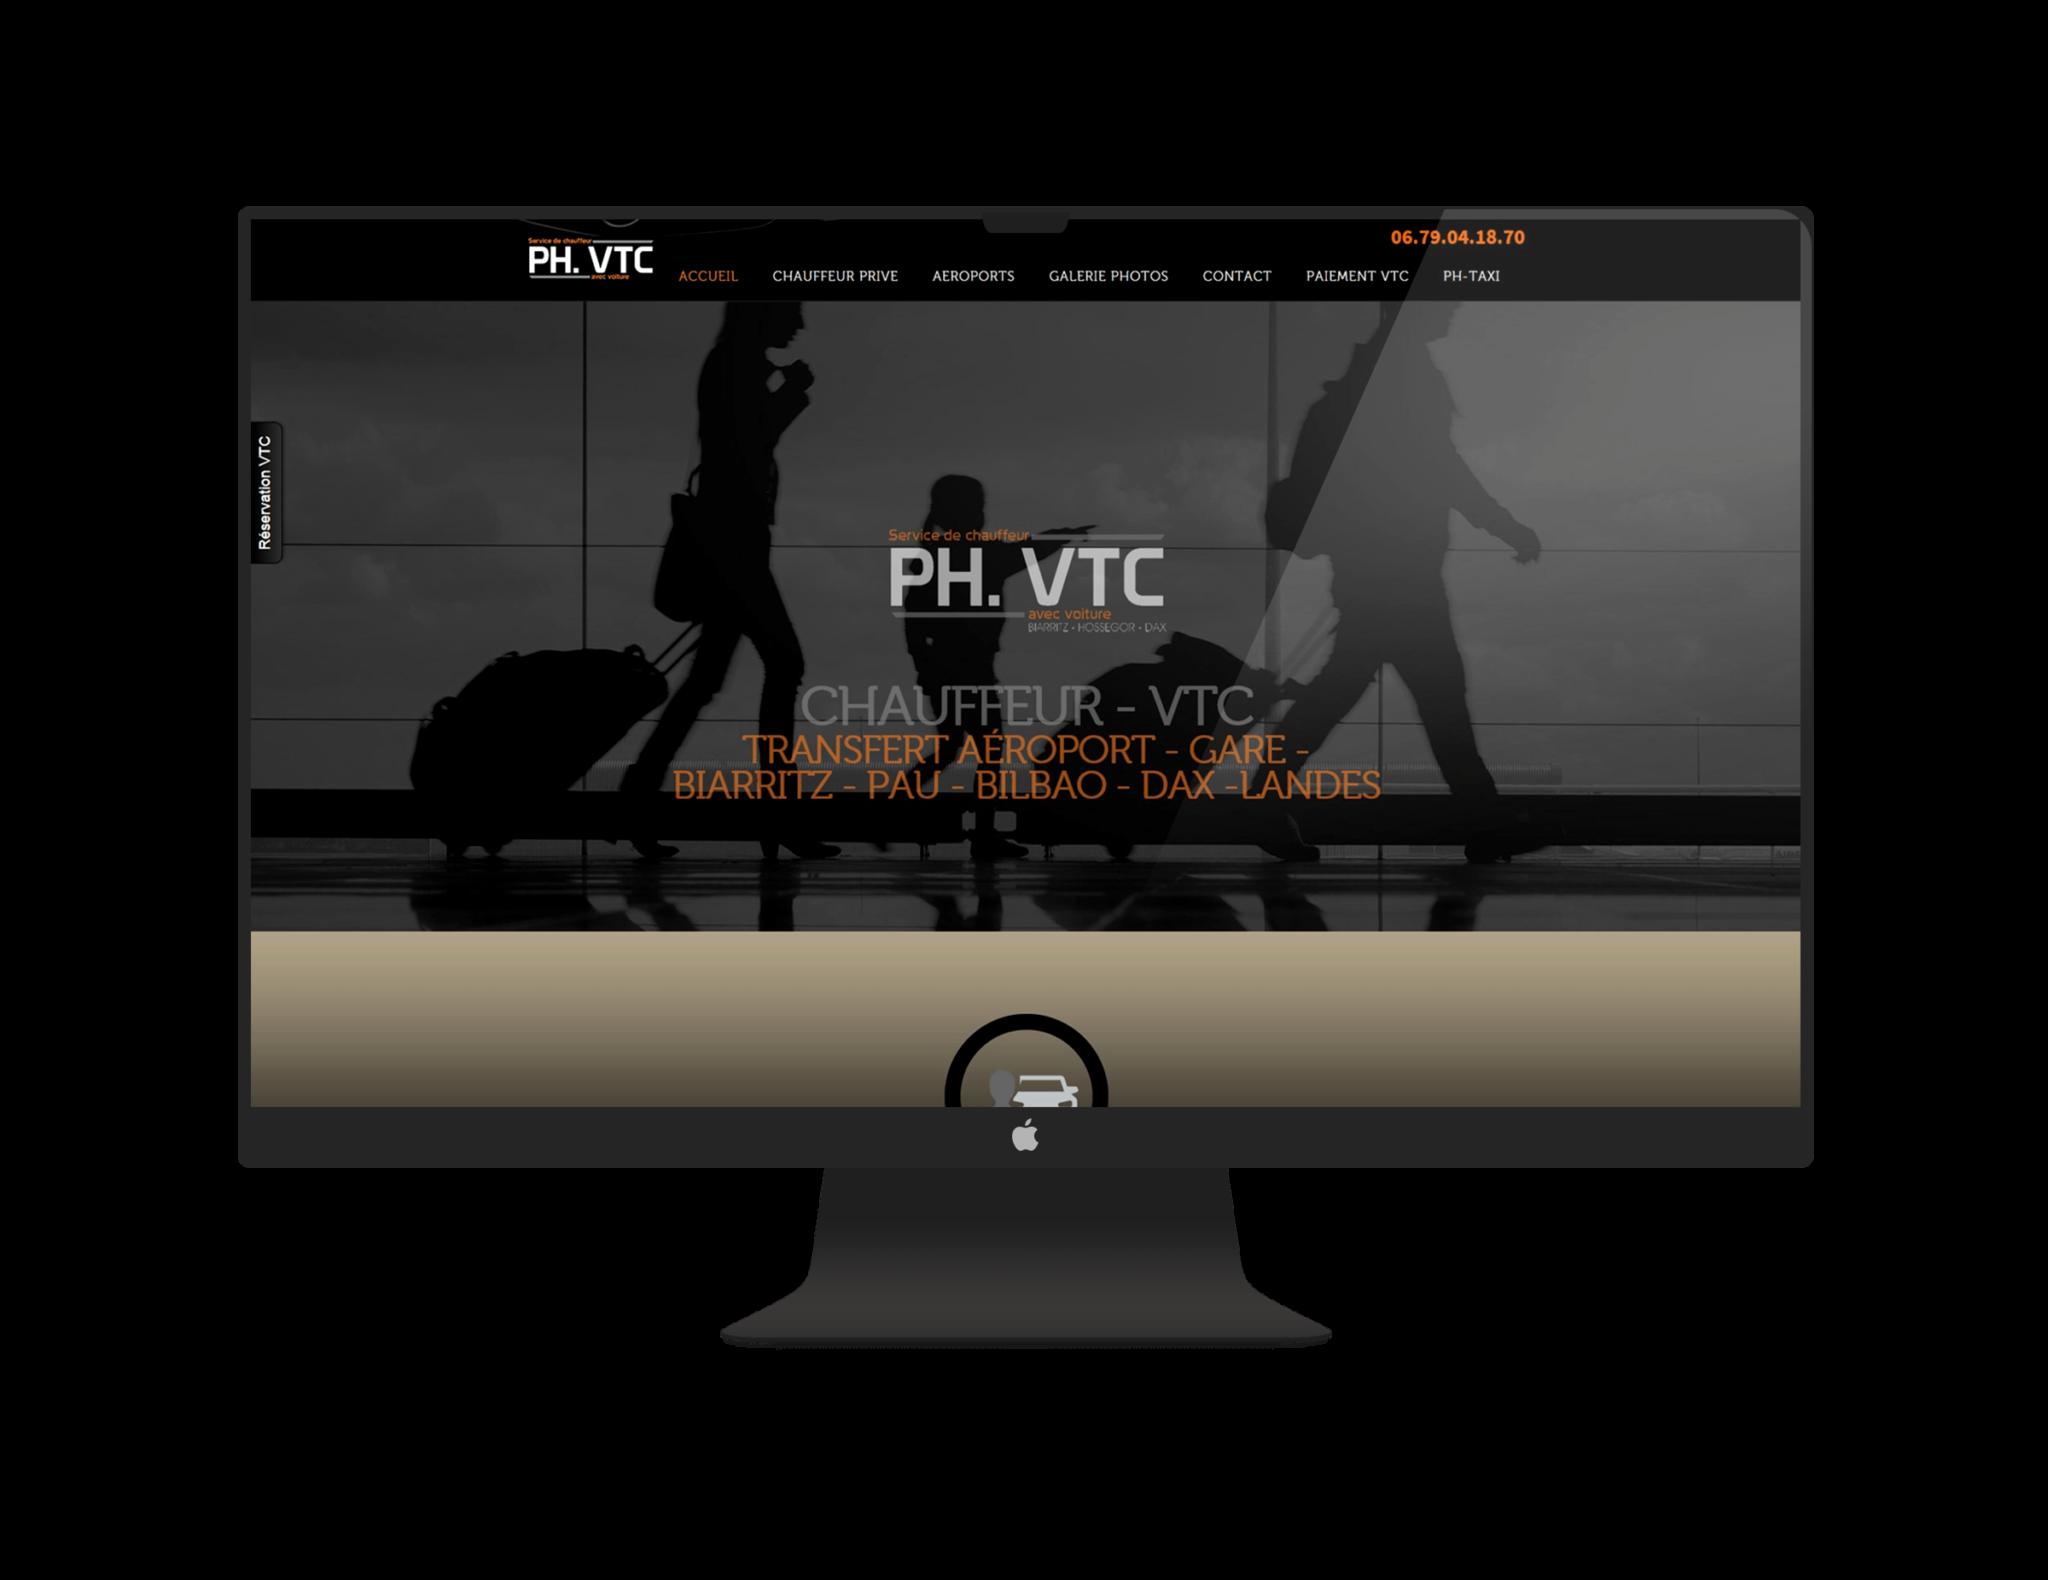 agence-creation-site-graphics-landes-aquitaine-mont-de-marsan-vitrine-vtc-dax-hossegor-saint-vincent-de-tyrosse-bayonne